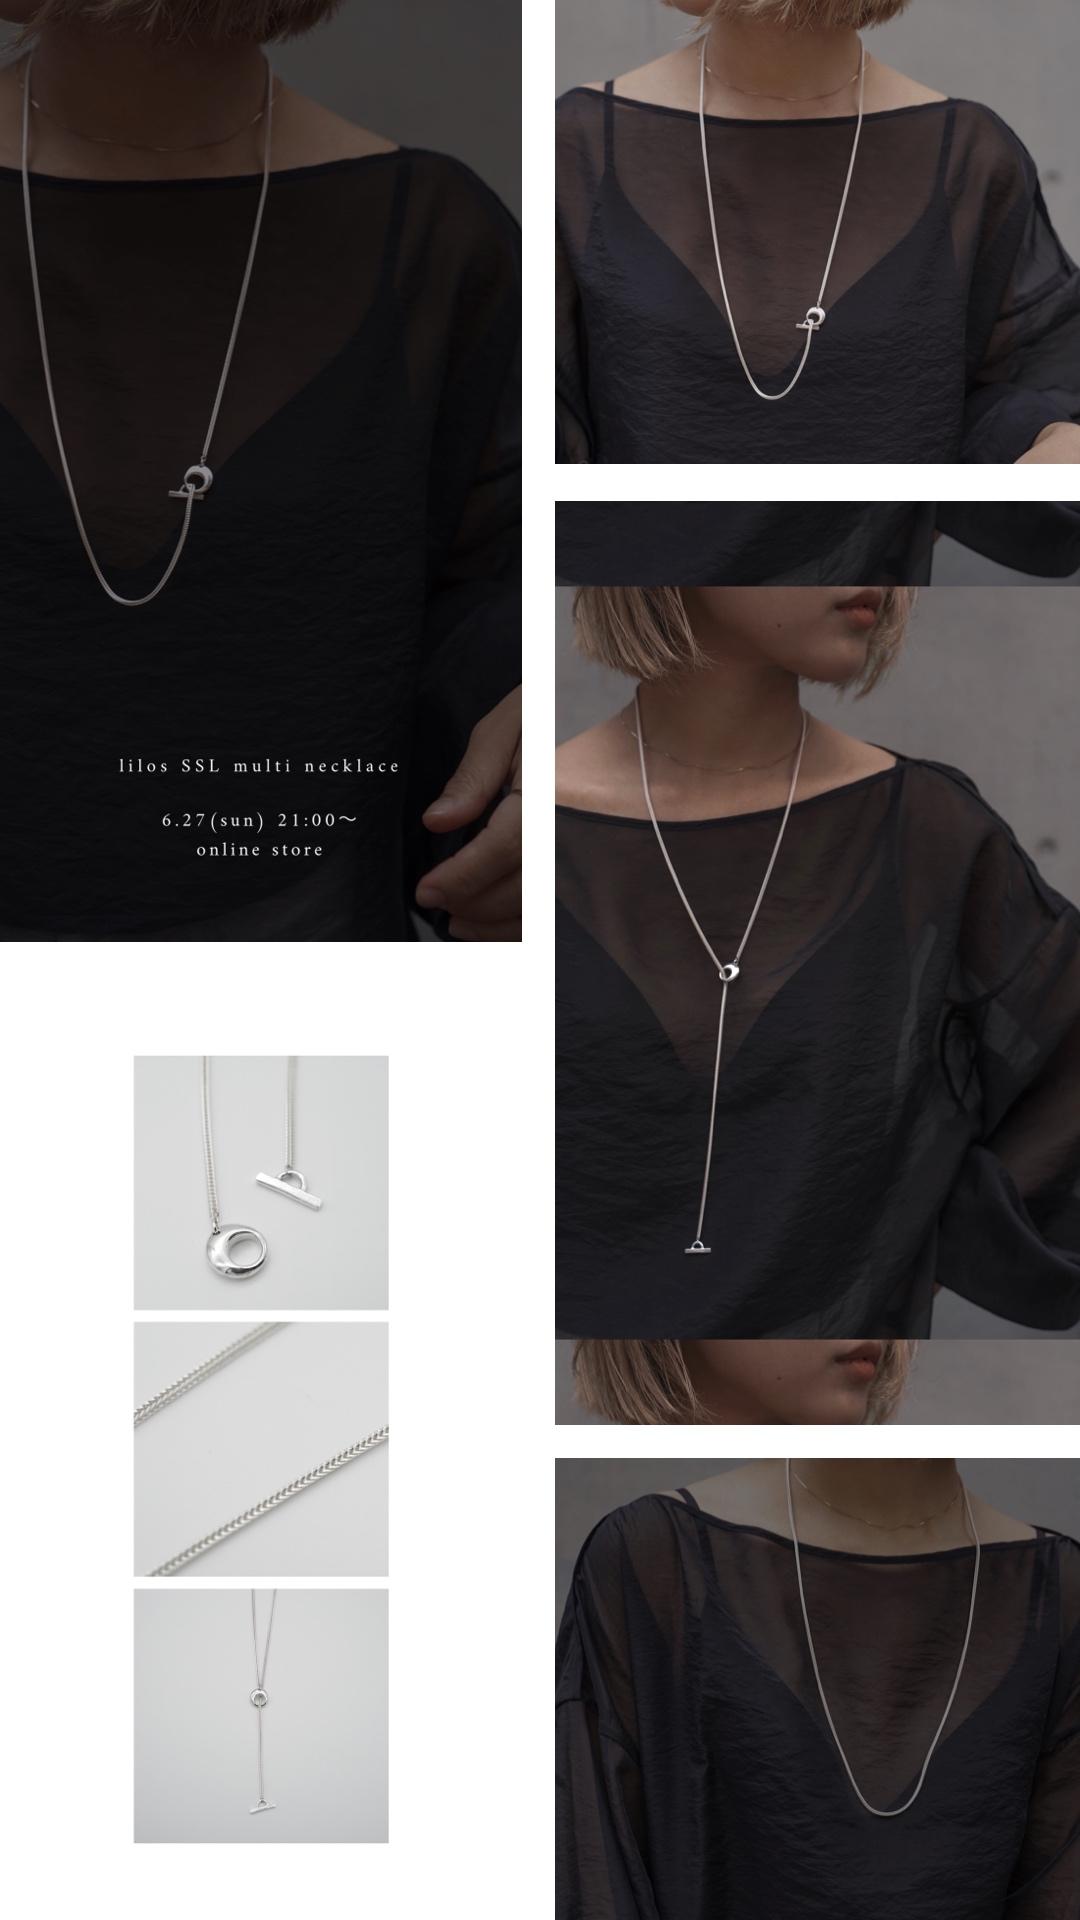 お知らせ:新作商品 lilos ssl muiti necklace 6/27(sun) 発売